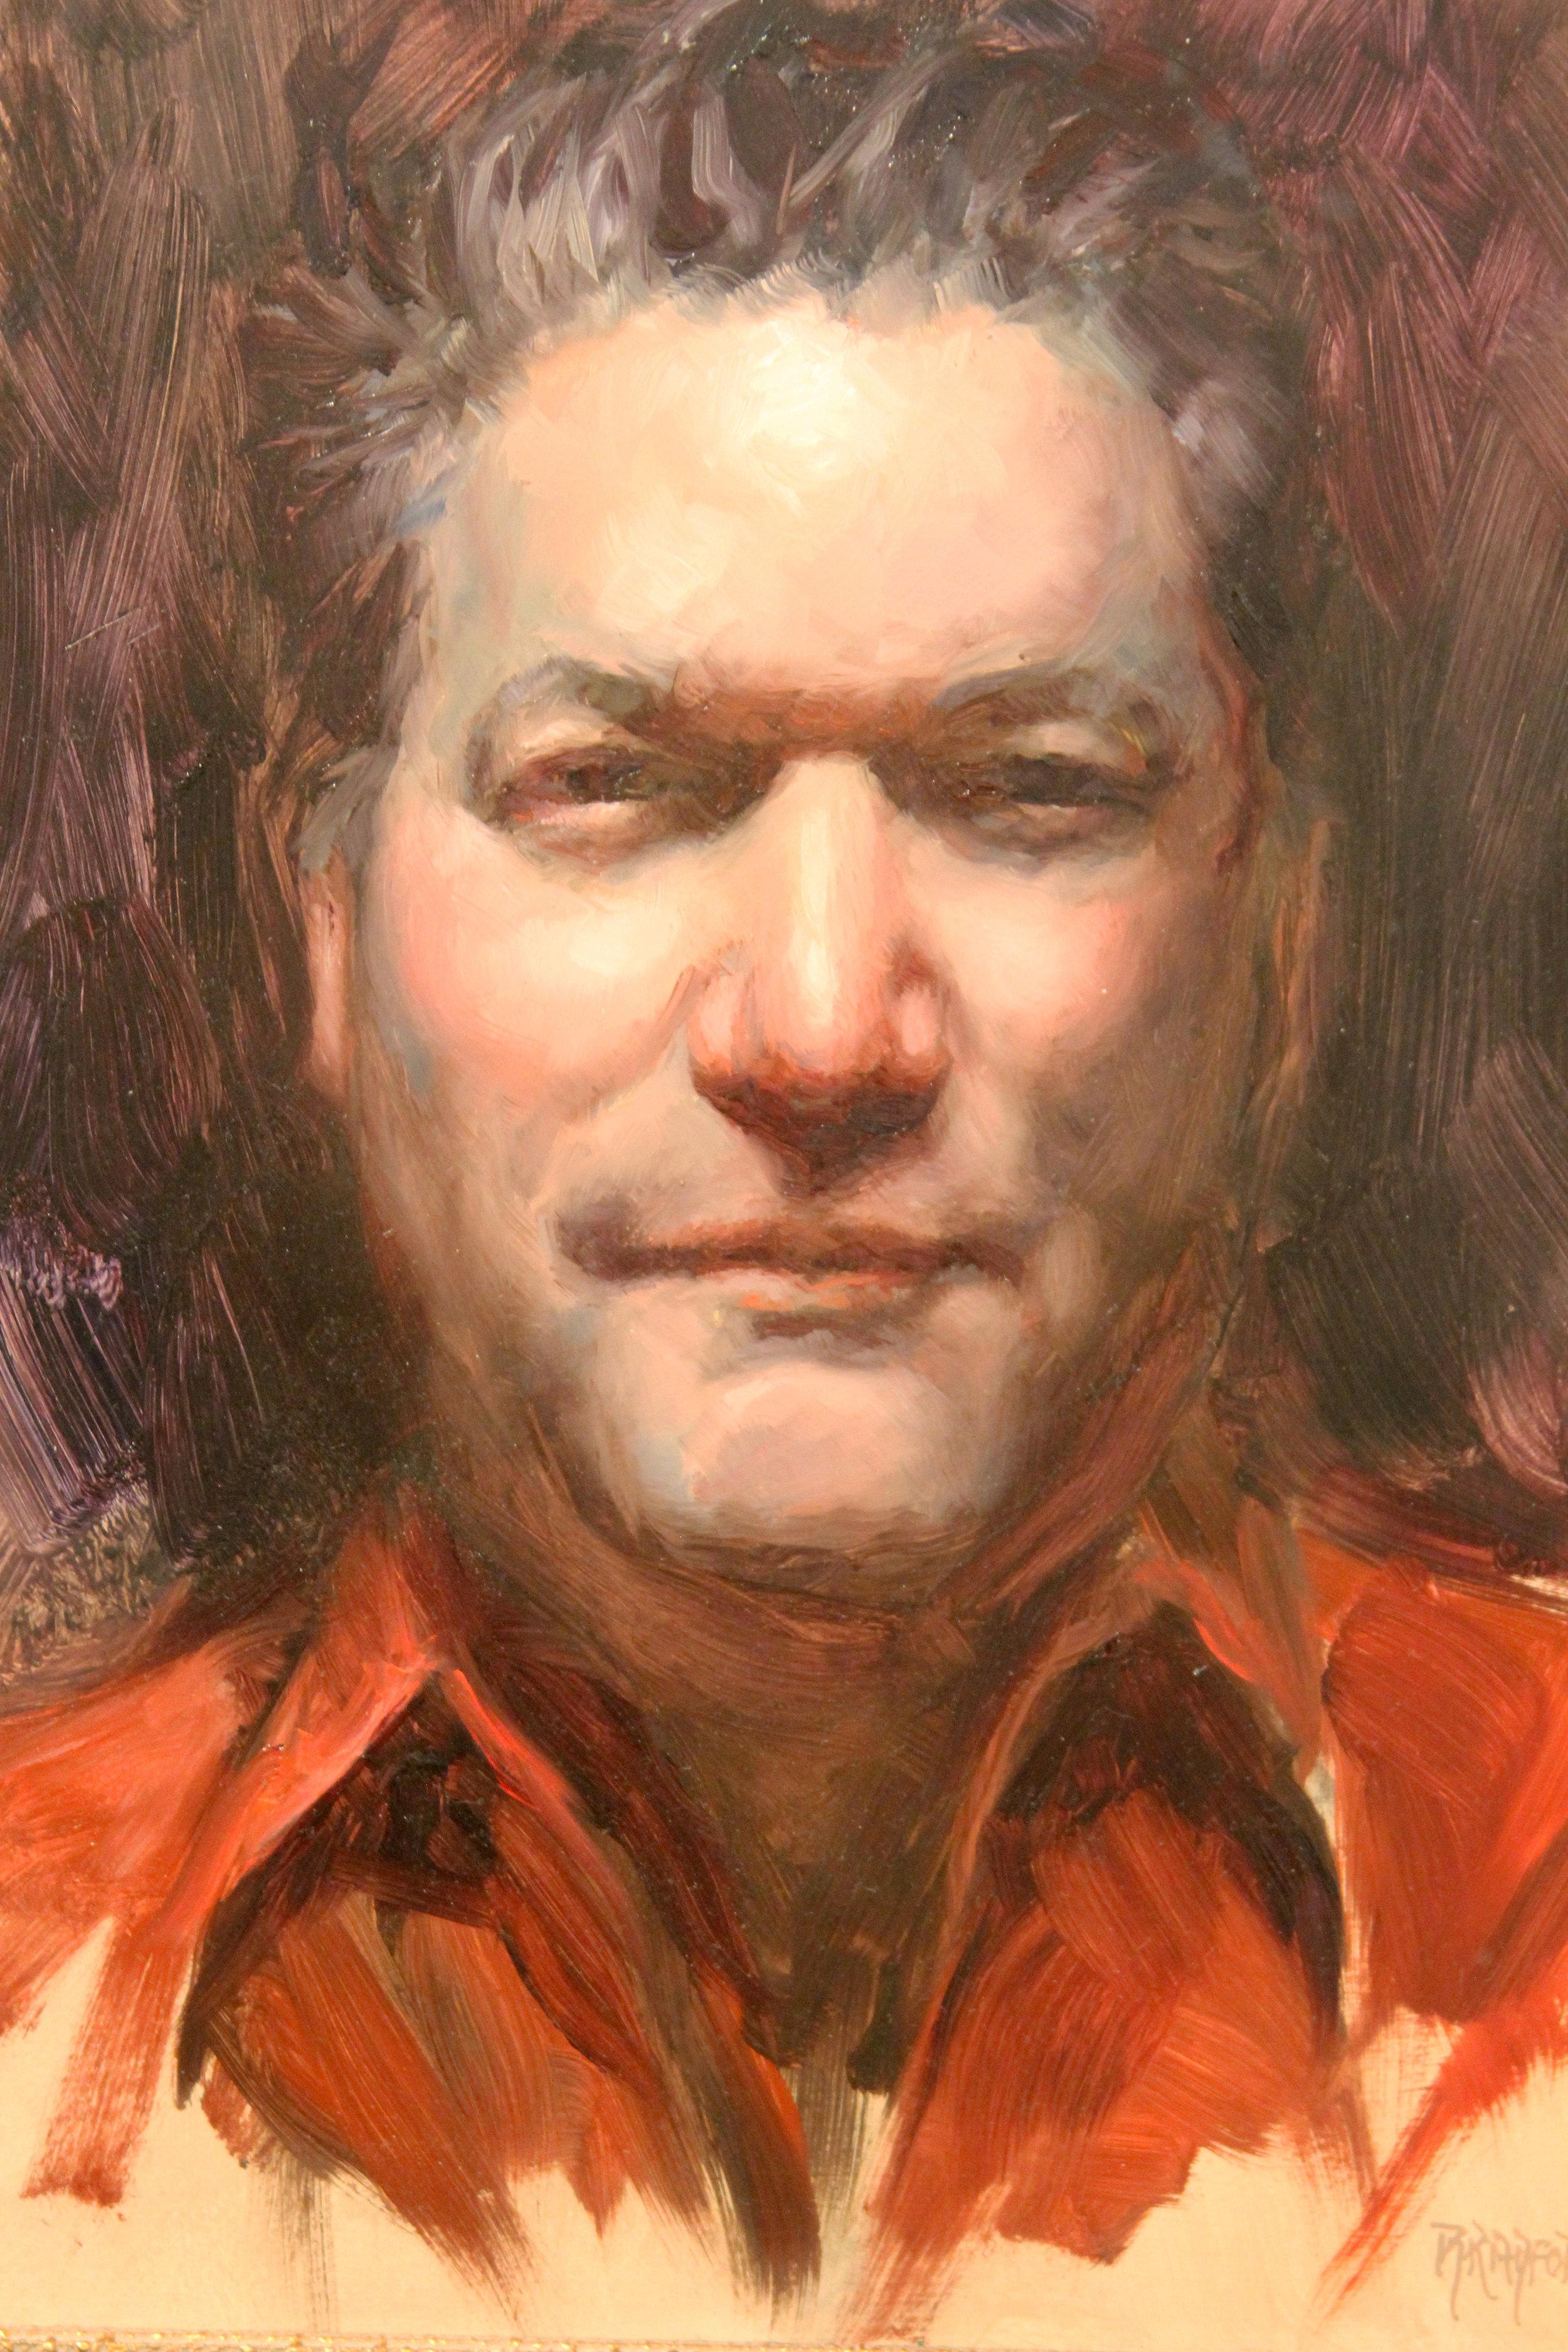 Bradford J. Salamon: Free Artist Talk, February 15 at 7 pm -